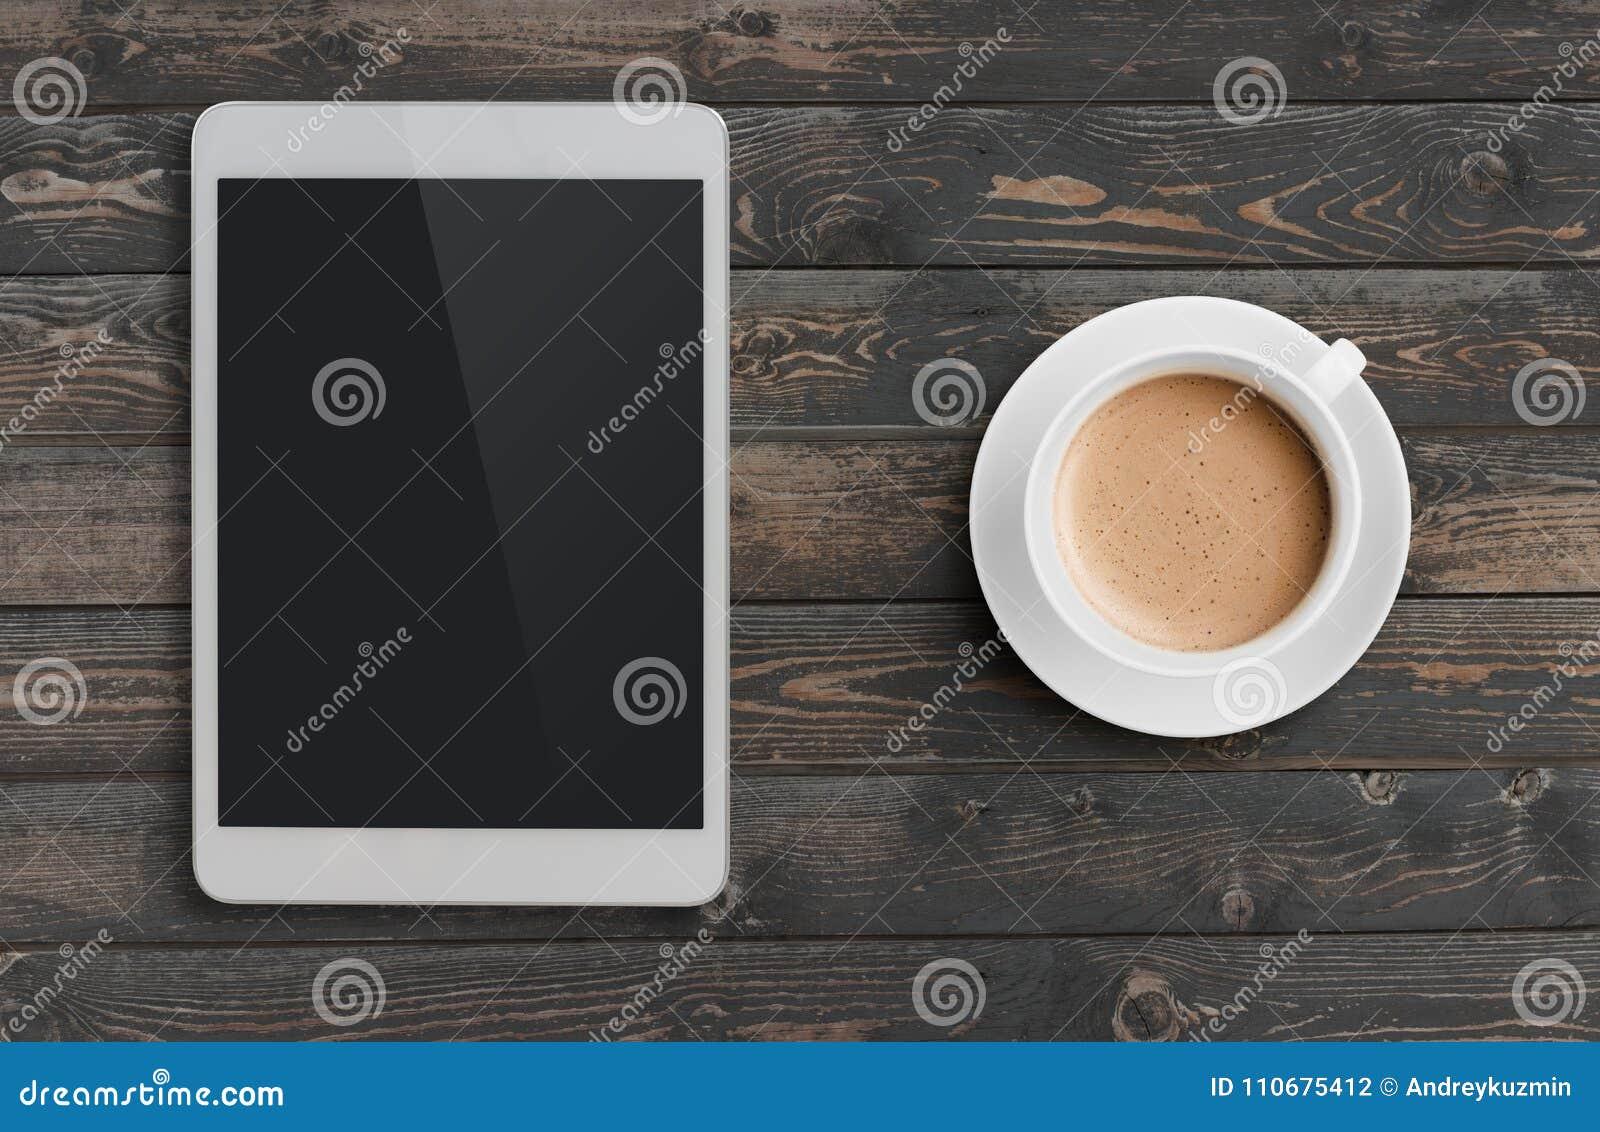 Copo de café e PC da tabuleta similar ao ipad na opinião de tampo da mesa de madeira escura